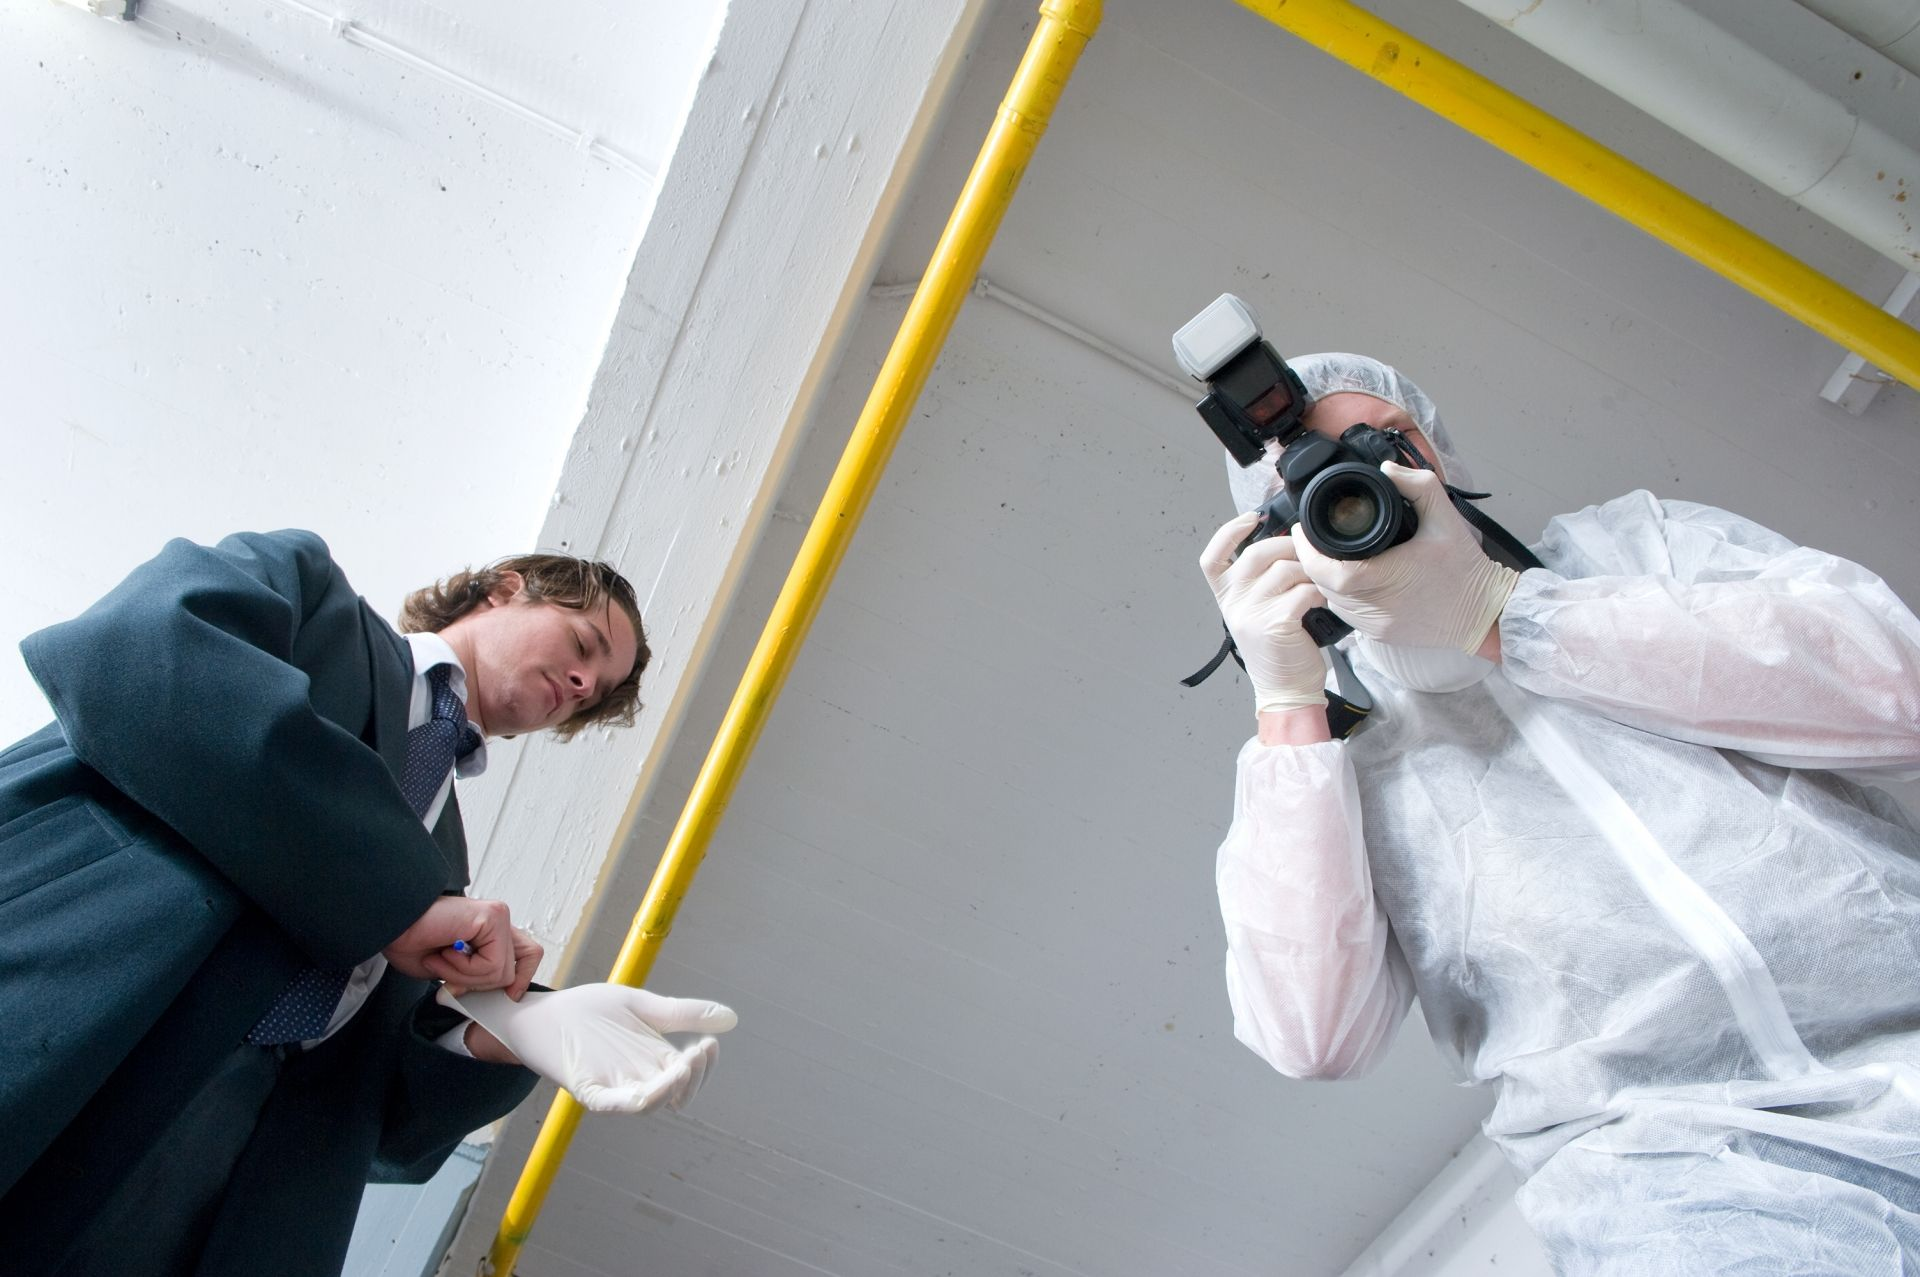 ¿Qué hay que estudiar para ser policía científico?